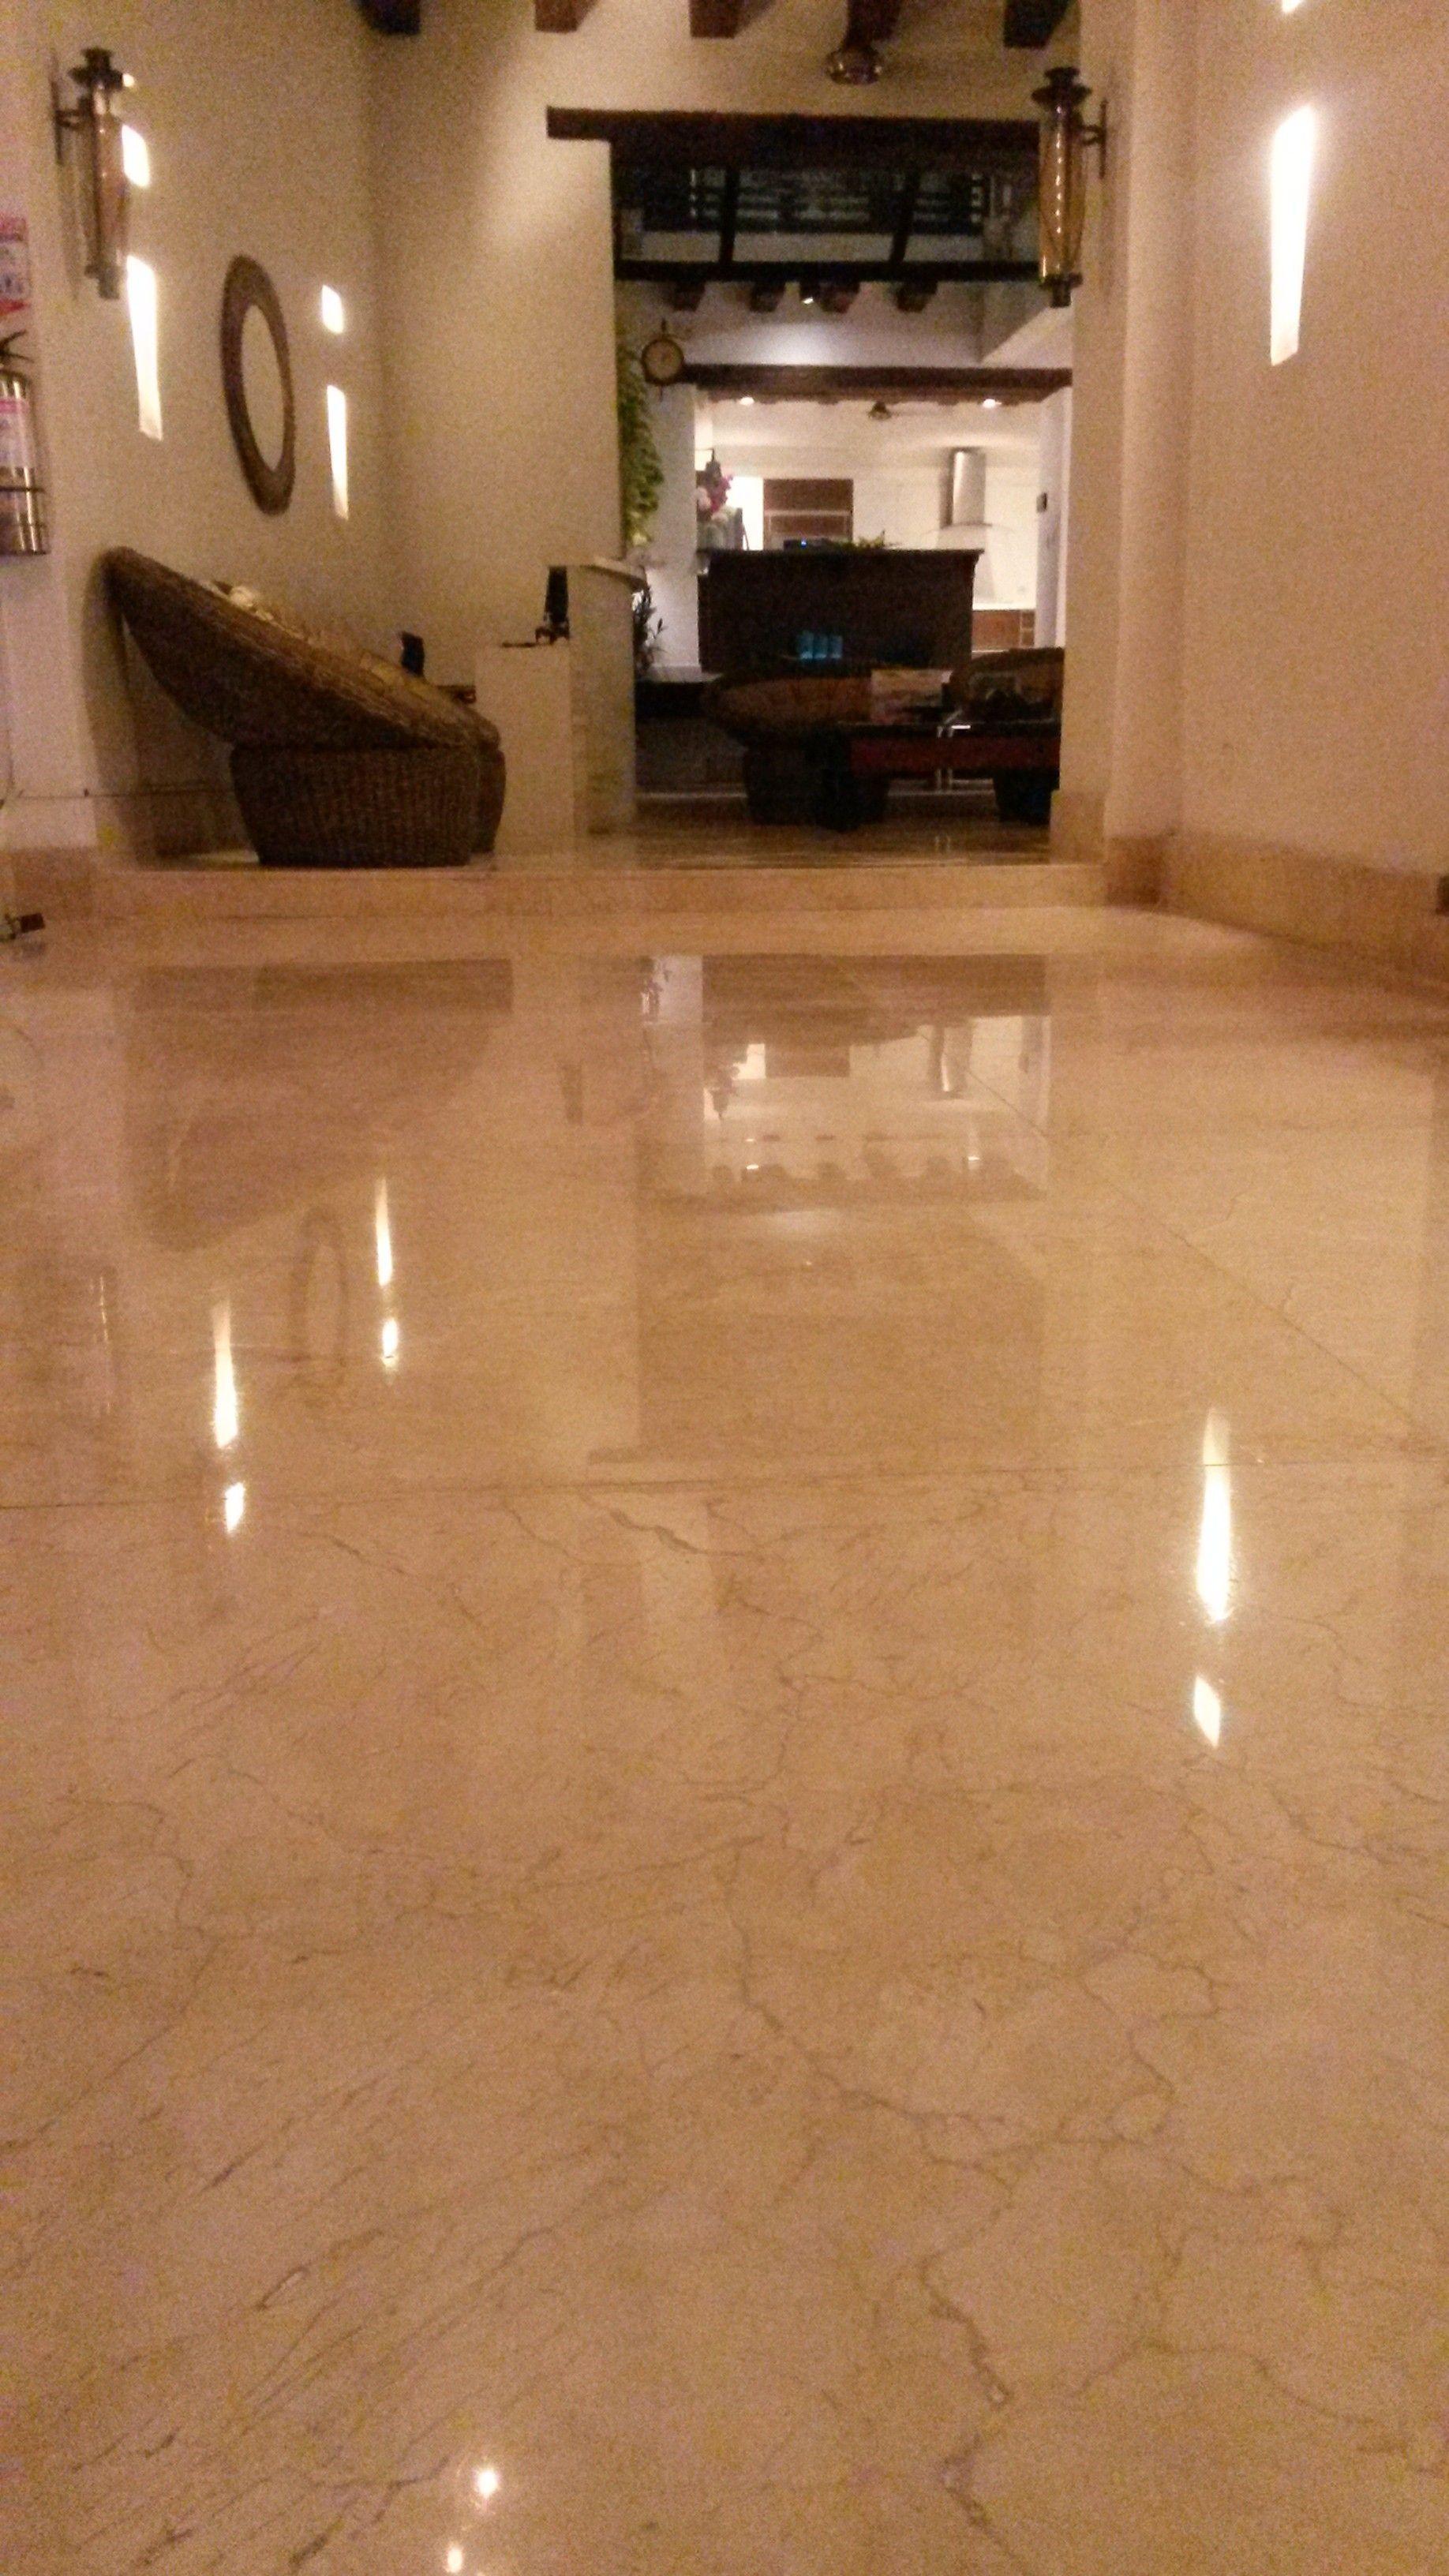 Entrada principal en la noche, piso sellado y cristalizado